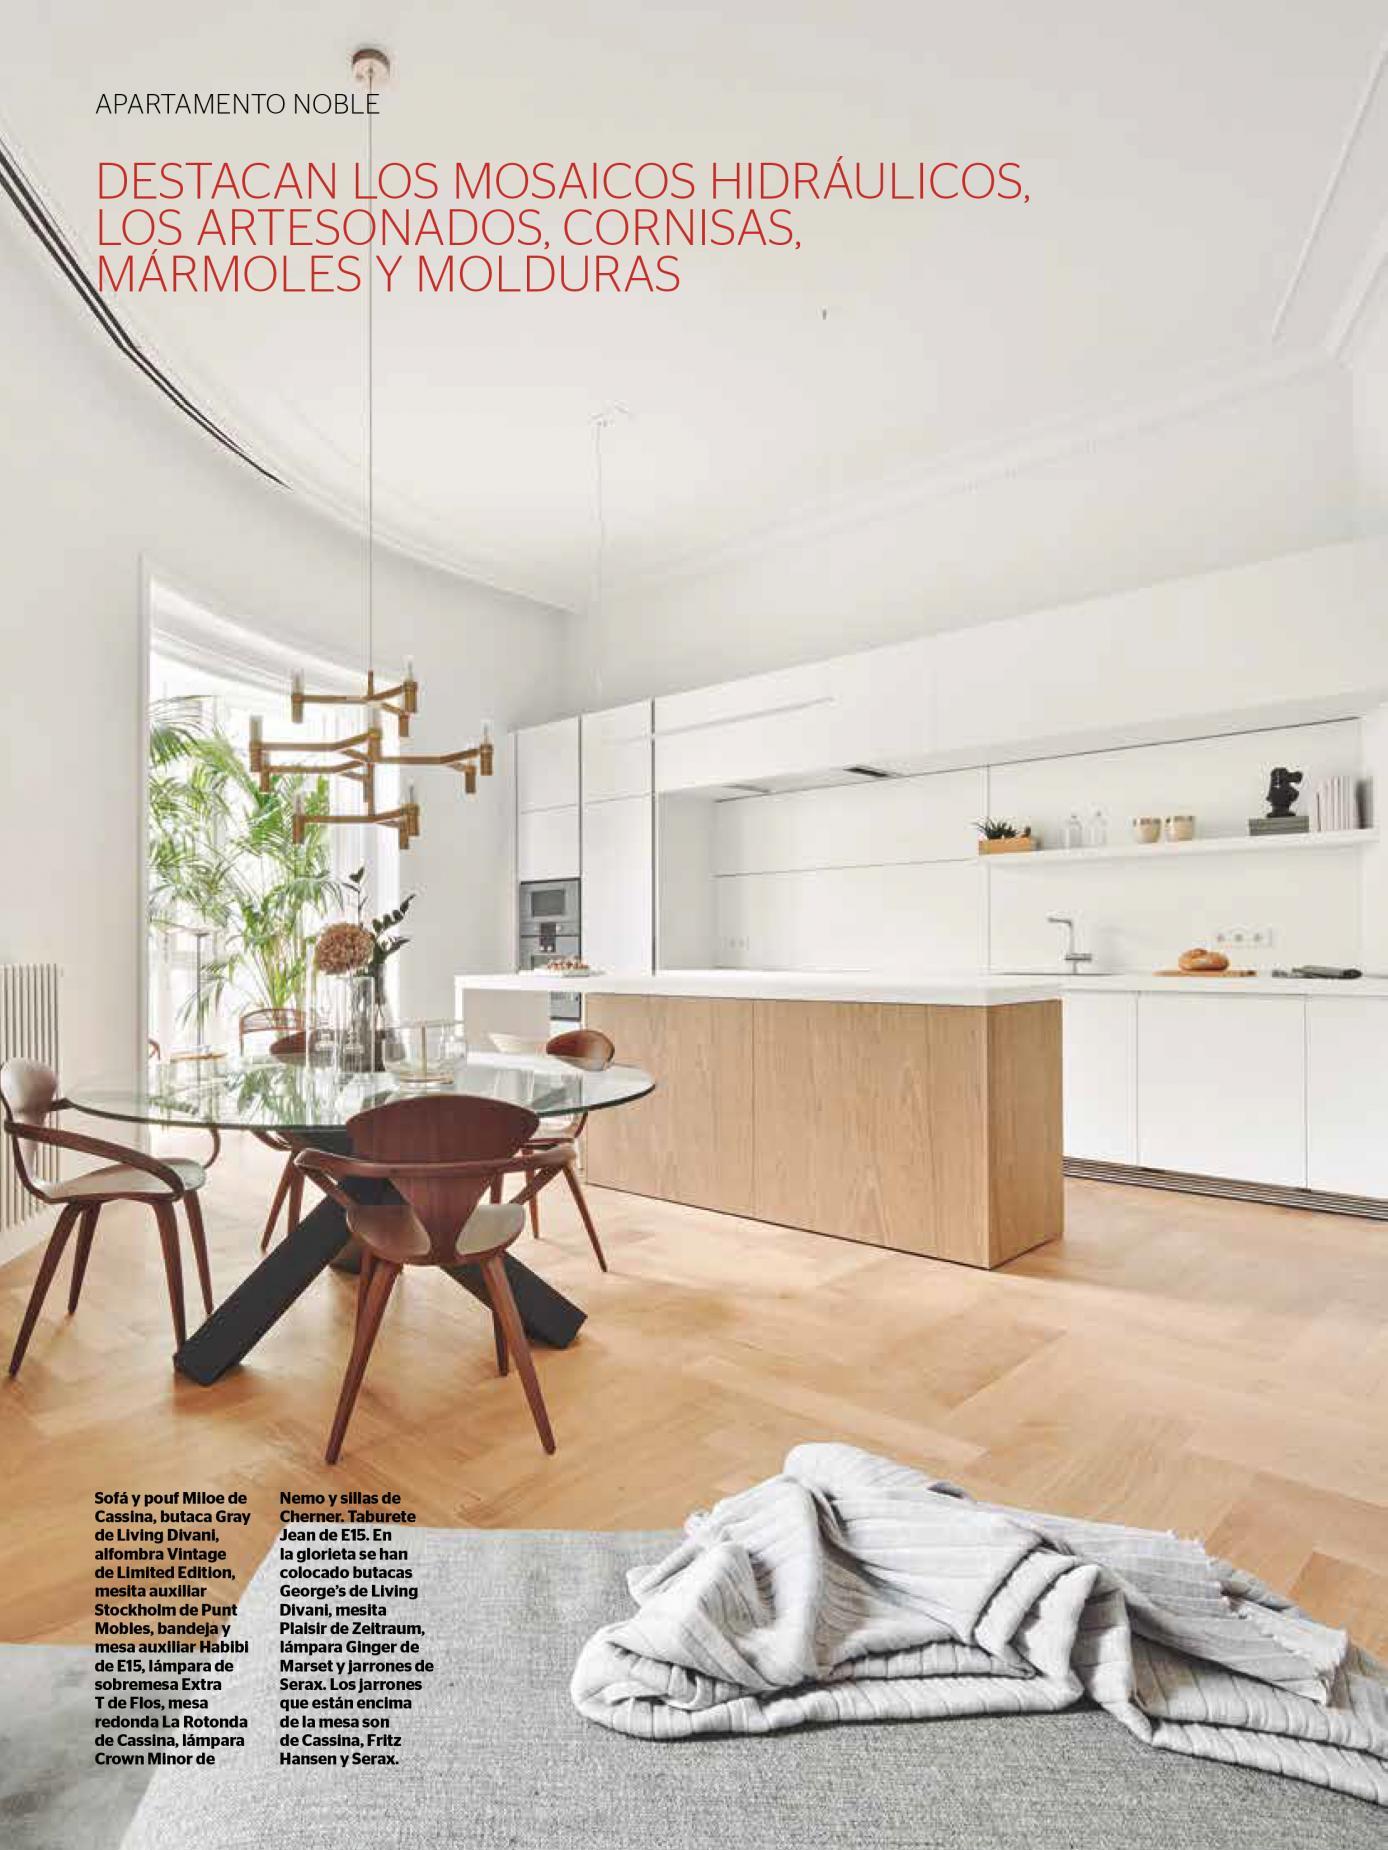 Proyecto estudio vilablanch Girona 2 en Casa Viva